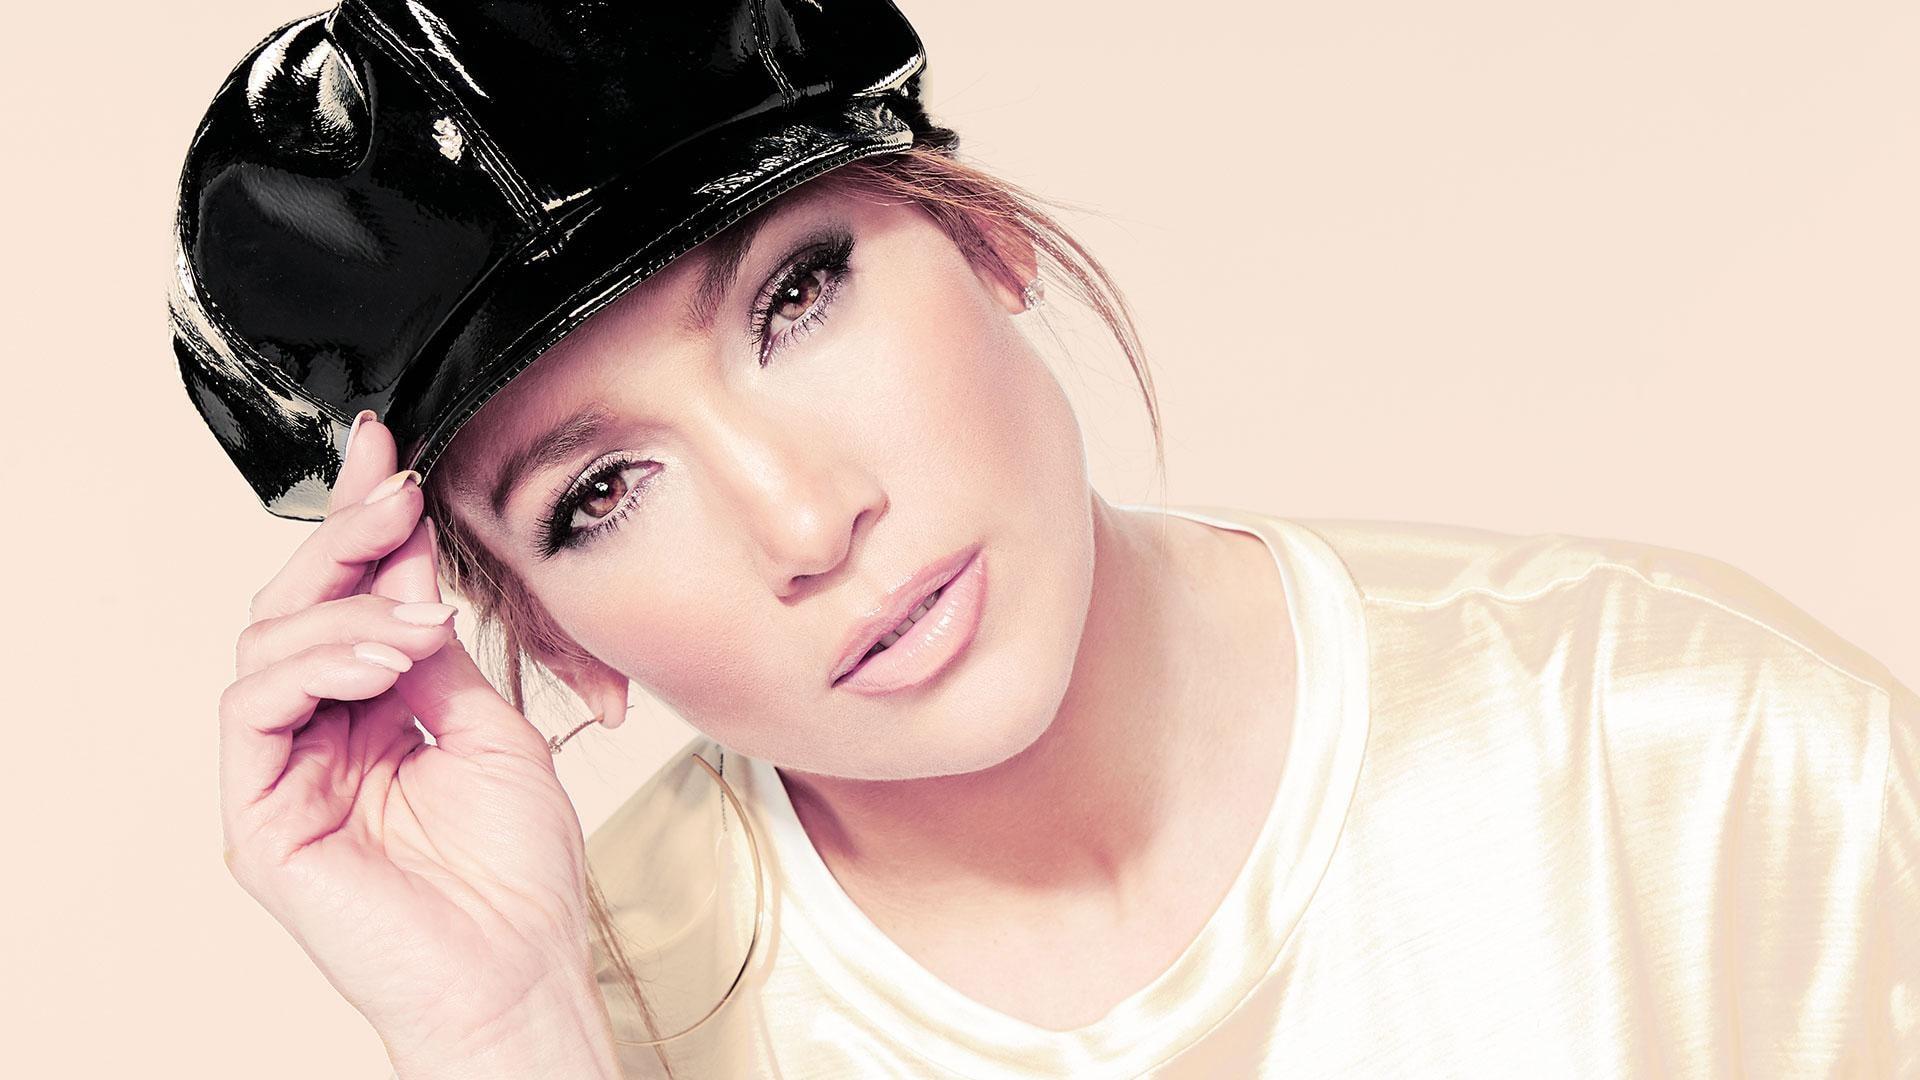 Jennifer Lopez: December 7, 2019